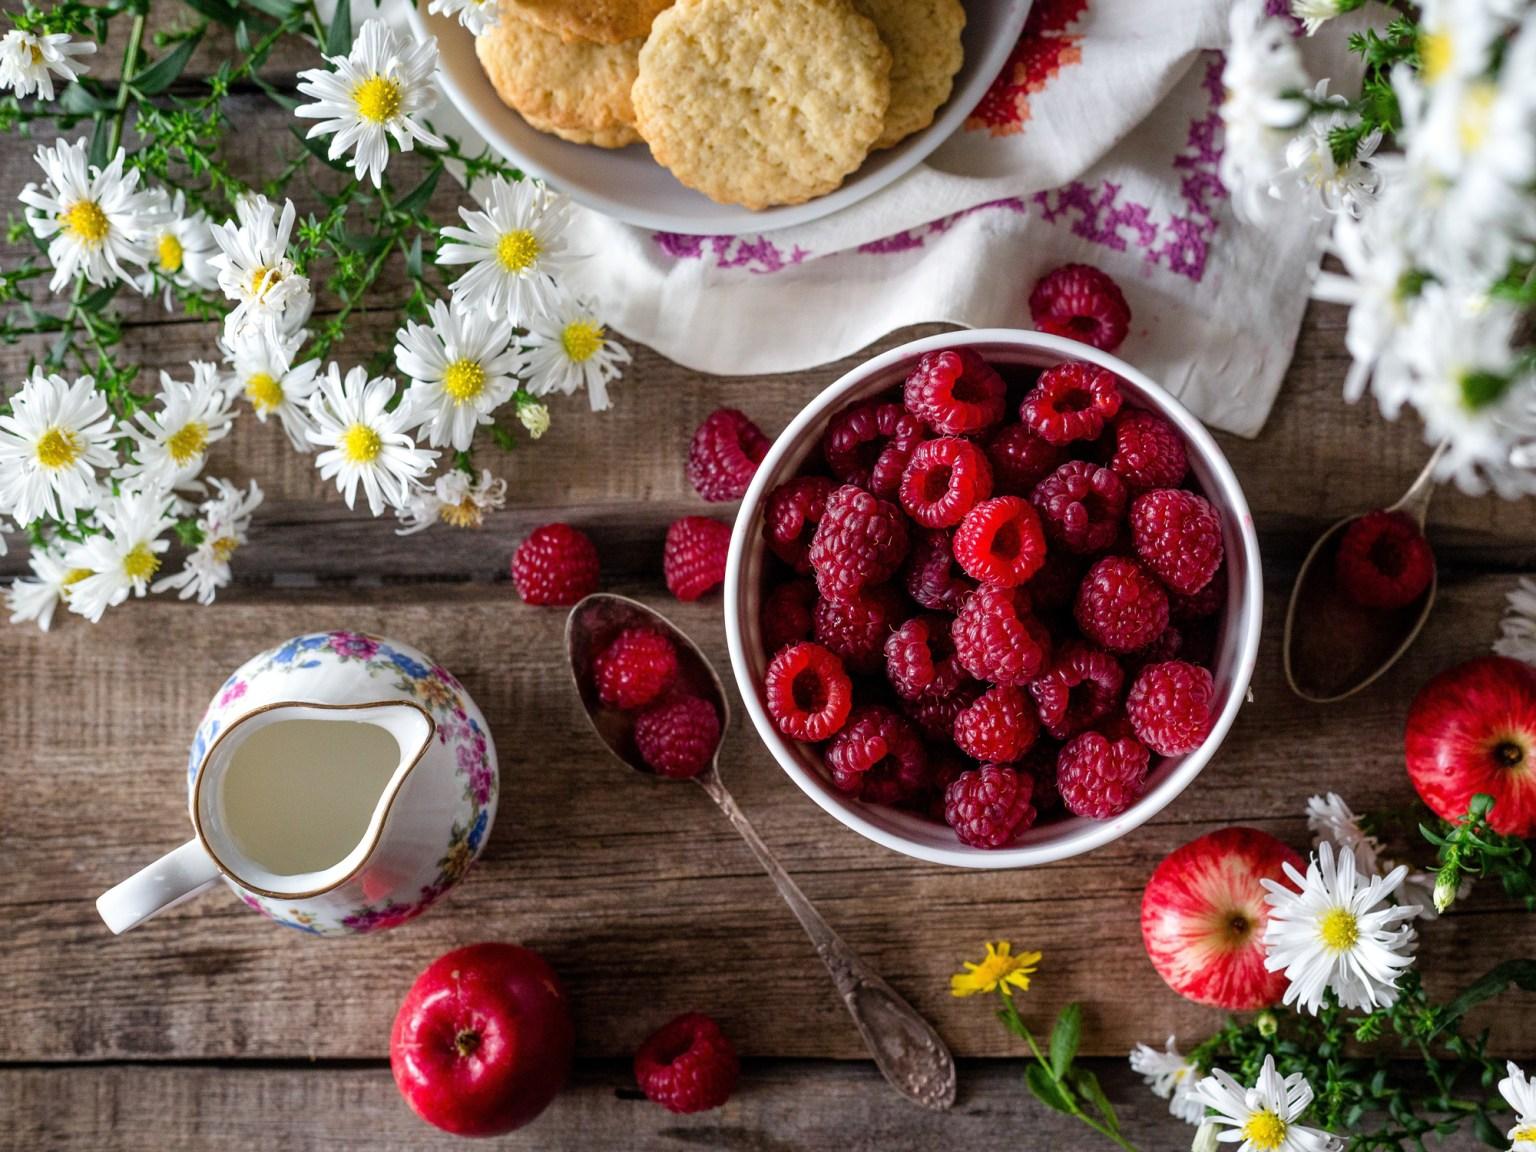 Les 12 fruits et légumes les plus pollués